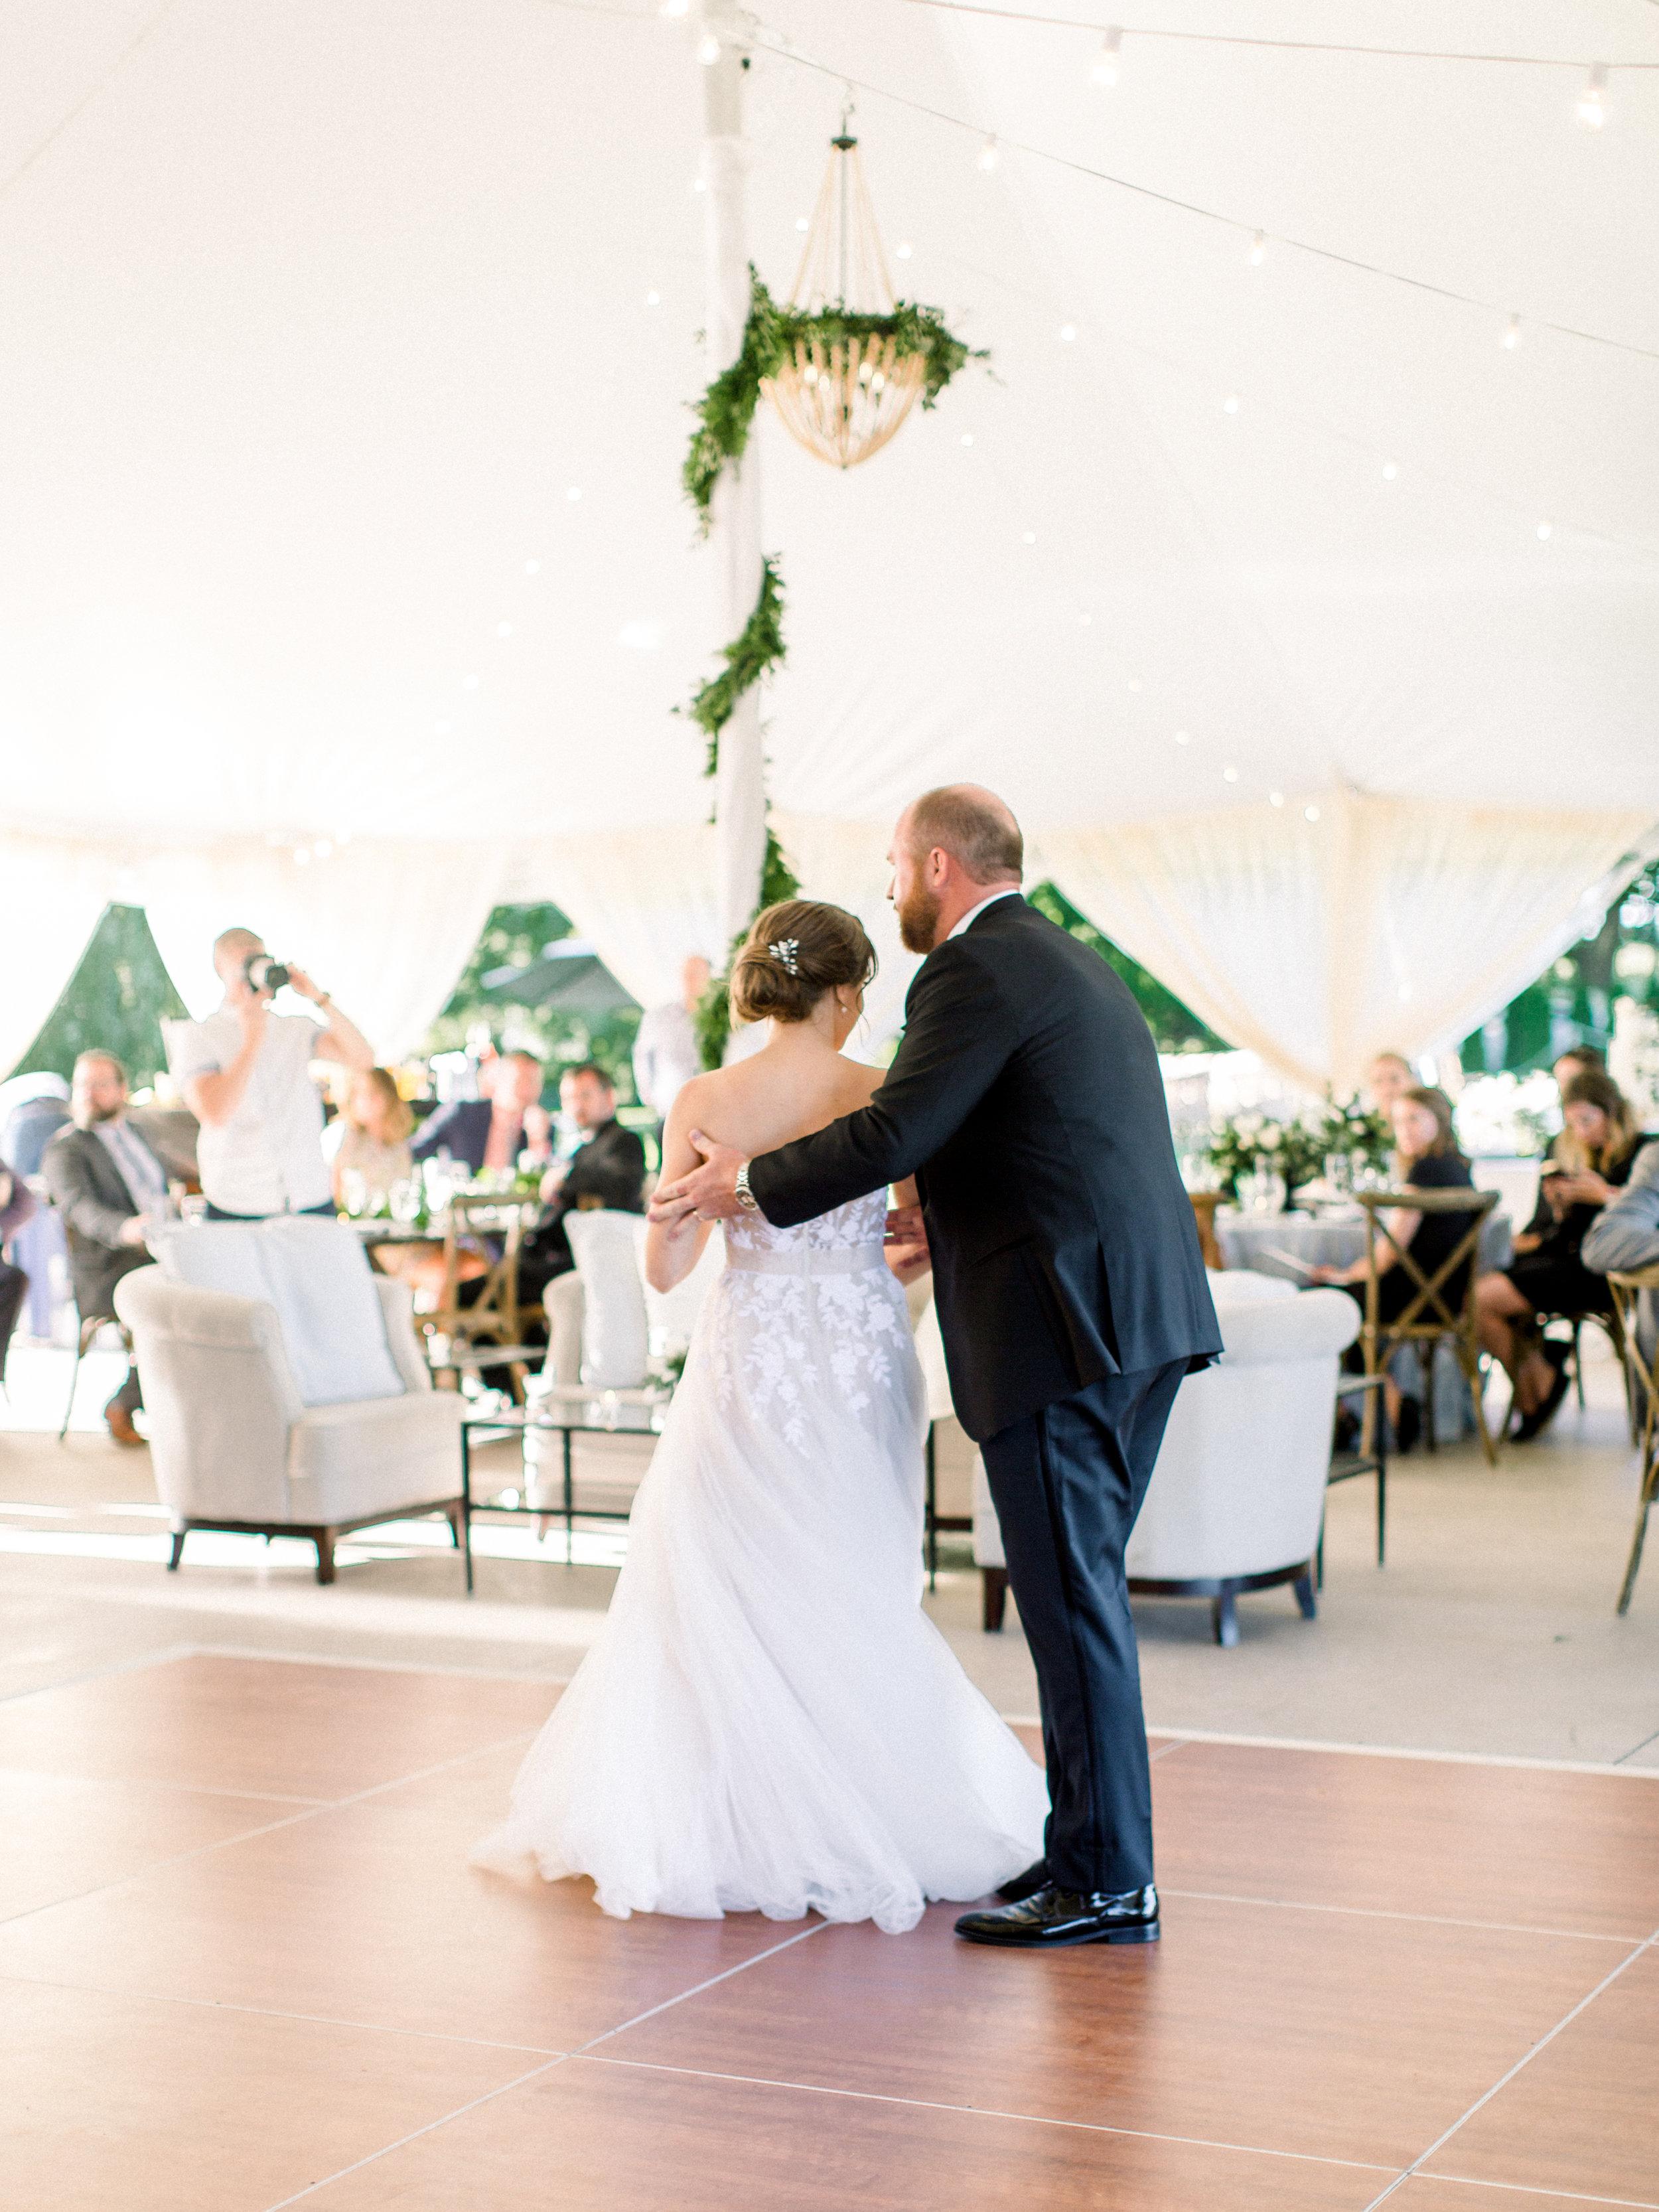 Steinlage+Wedding+Reception-122.jpg